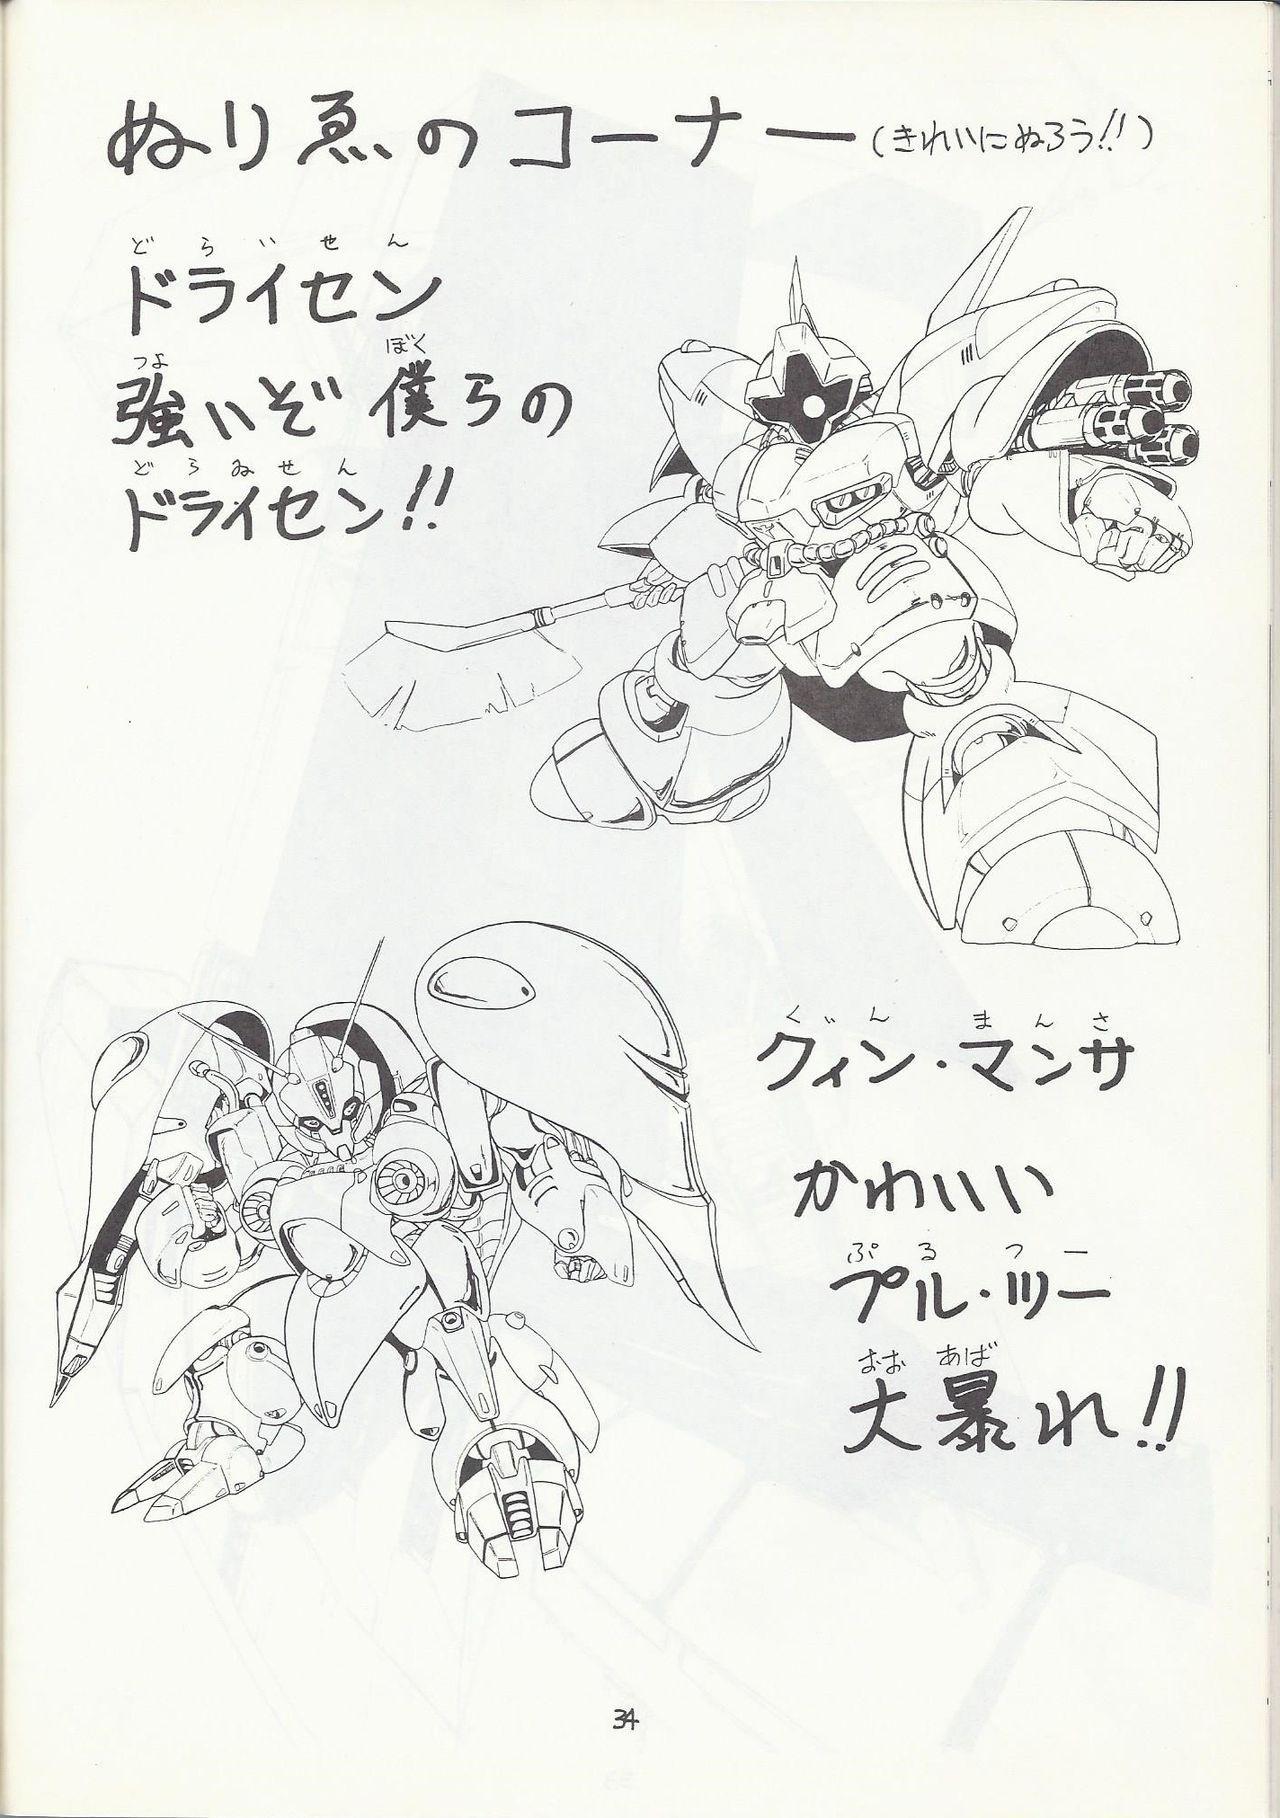 Studio DAST - SASA-NISHIKI SUPER-BLEND. 001. 33